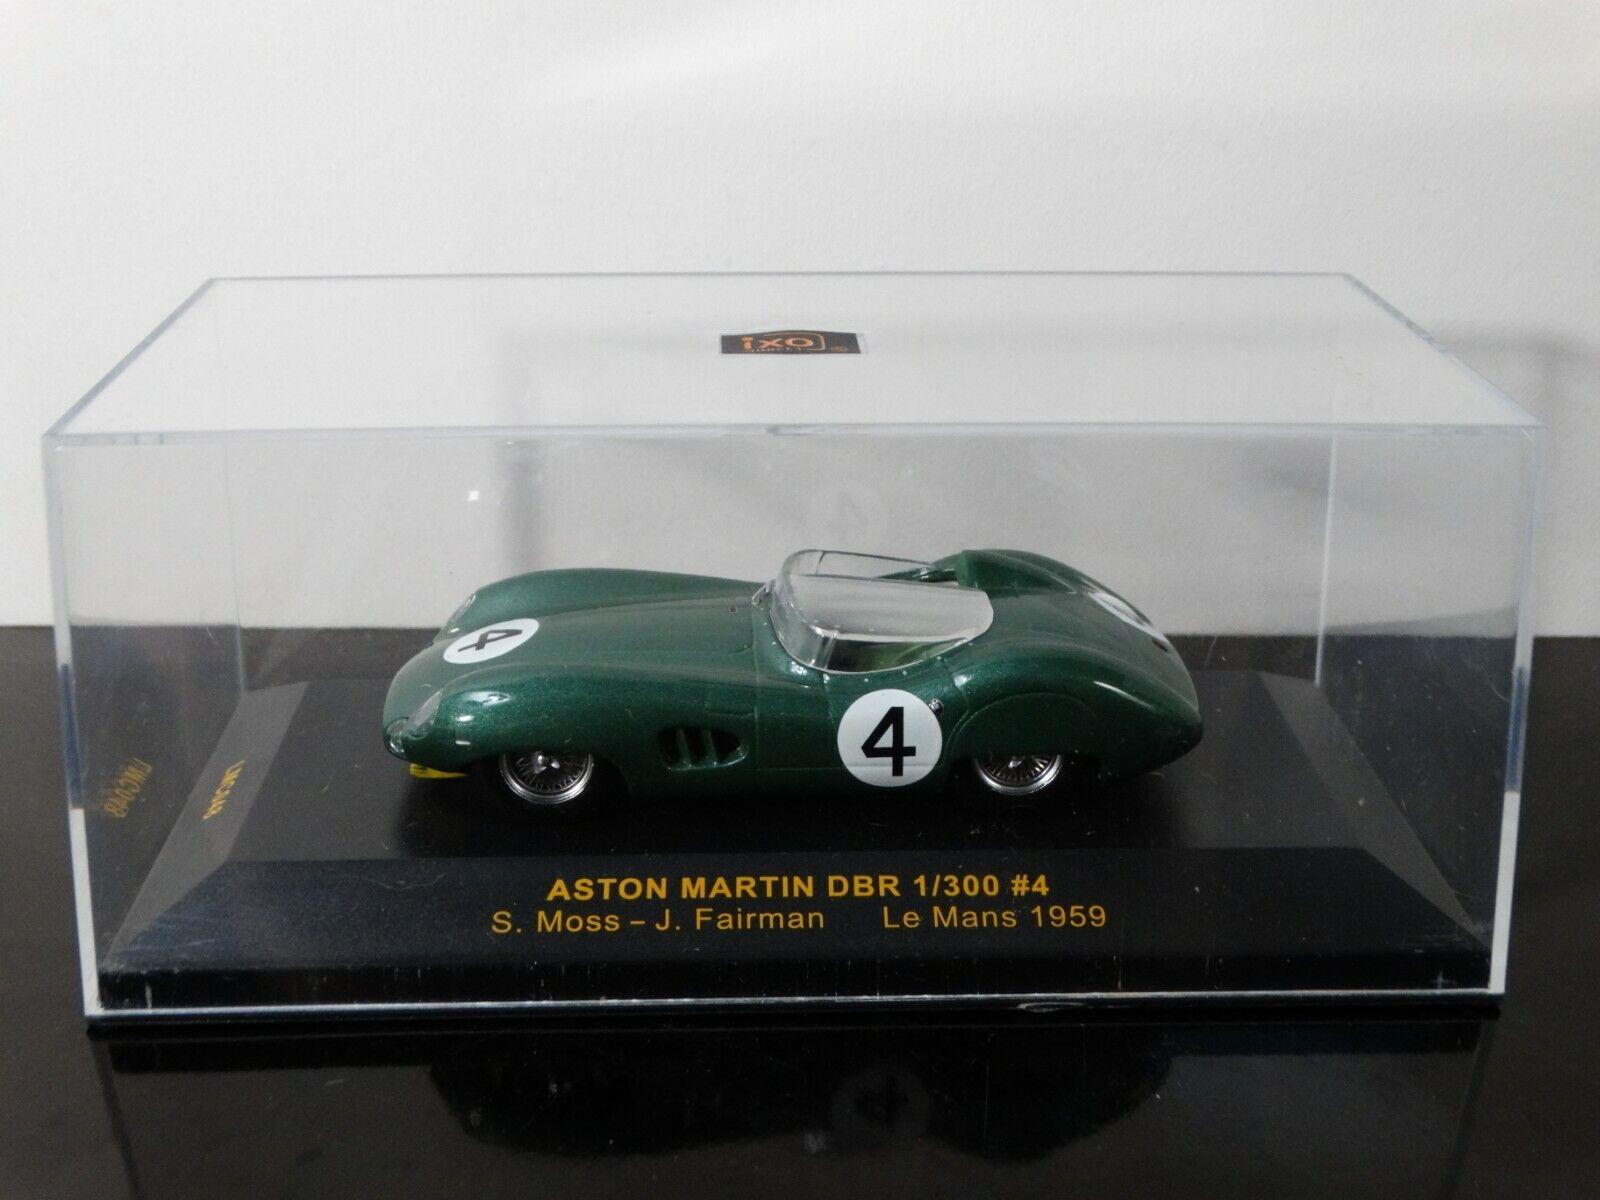 IXO Models Aston Martin DBR DBR DBR 1959 LeMans Moss Fairman  43 Scale Diecast Car 2b342a